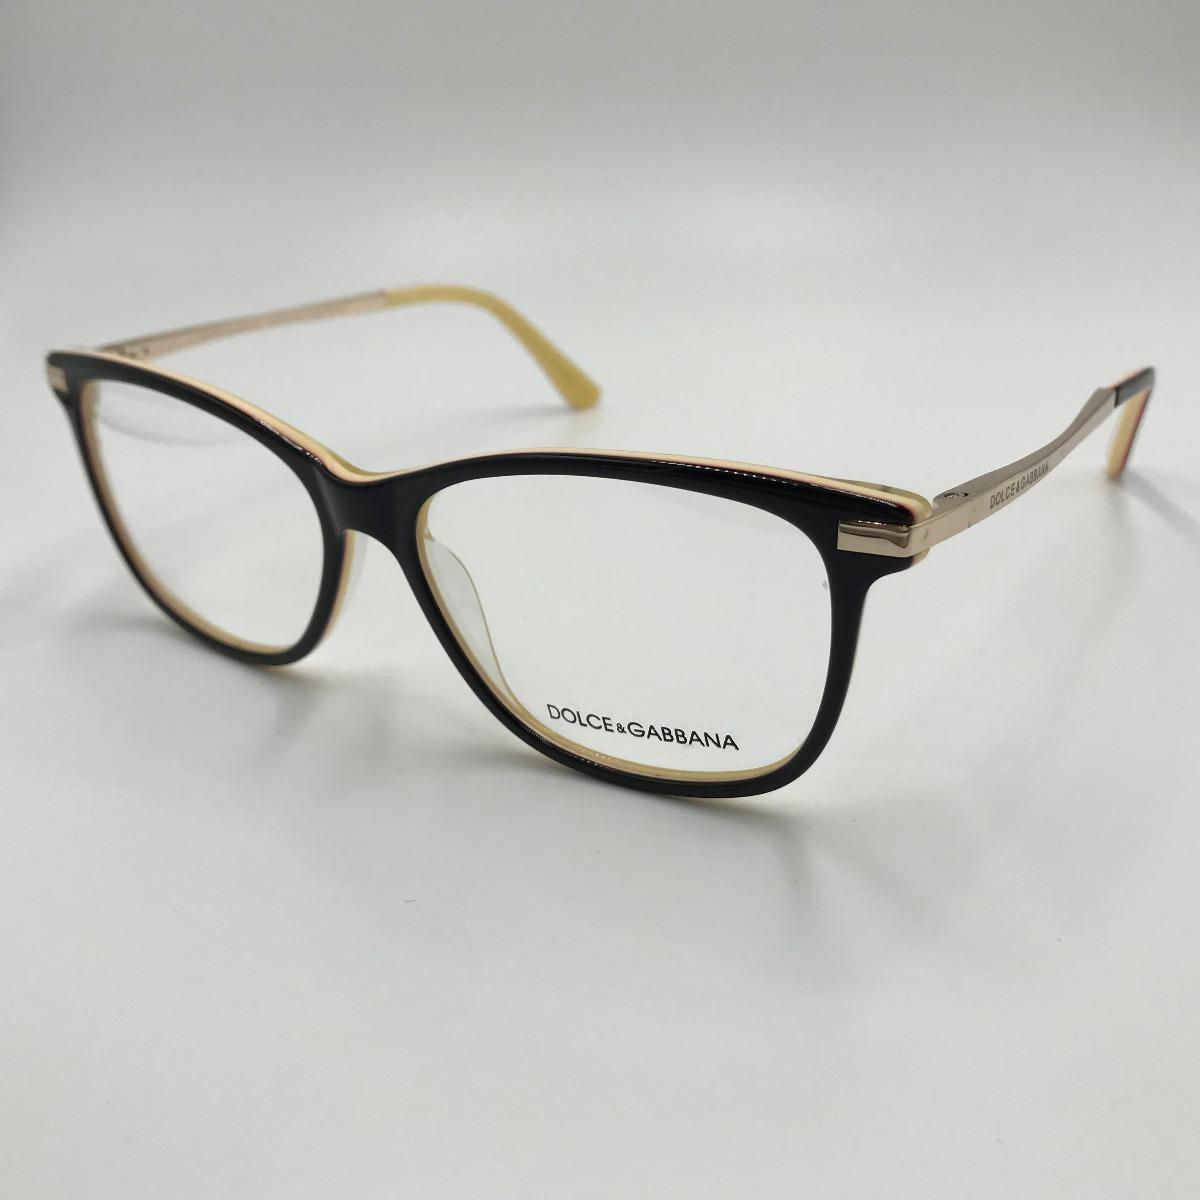 639797a3b34ce Carregando zoom. ce63f09a2b9e97  armação óculos grau feminino quadrado  gatinho acetato 3155. Carregando zoom. ce63f09a2b9e97 ...